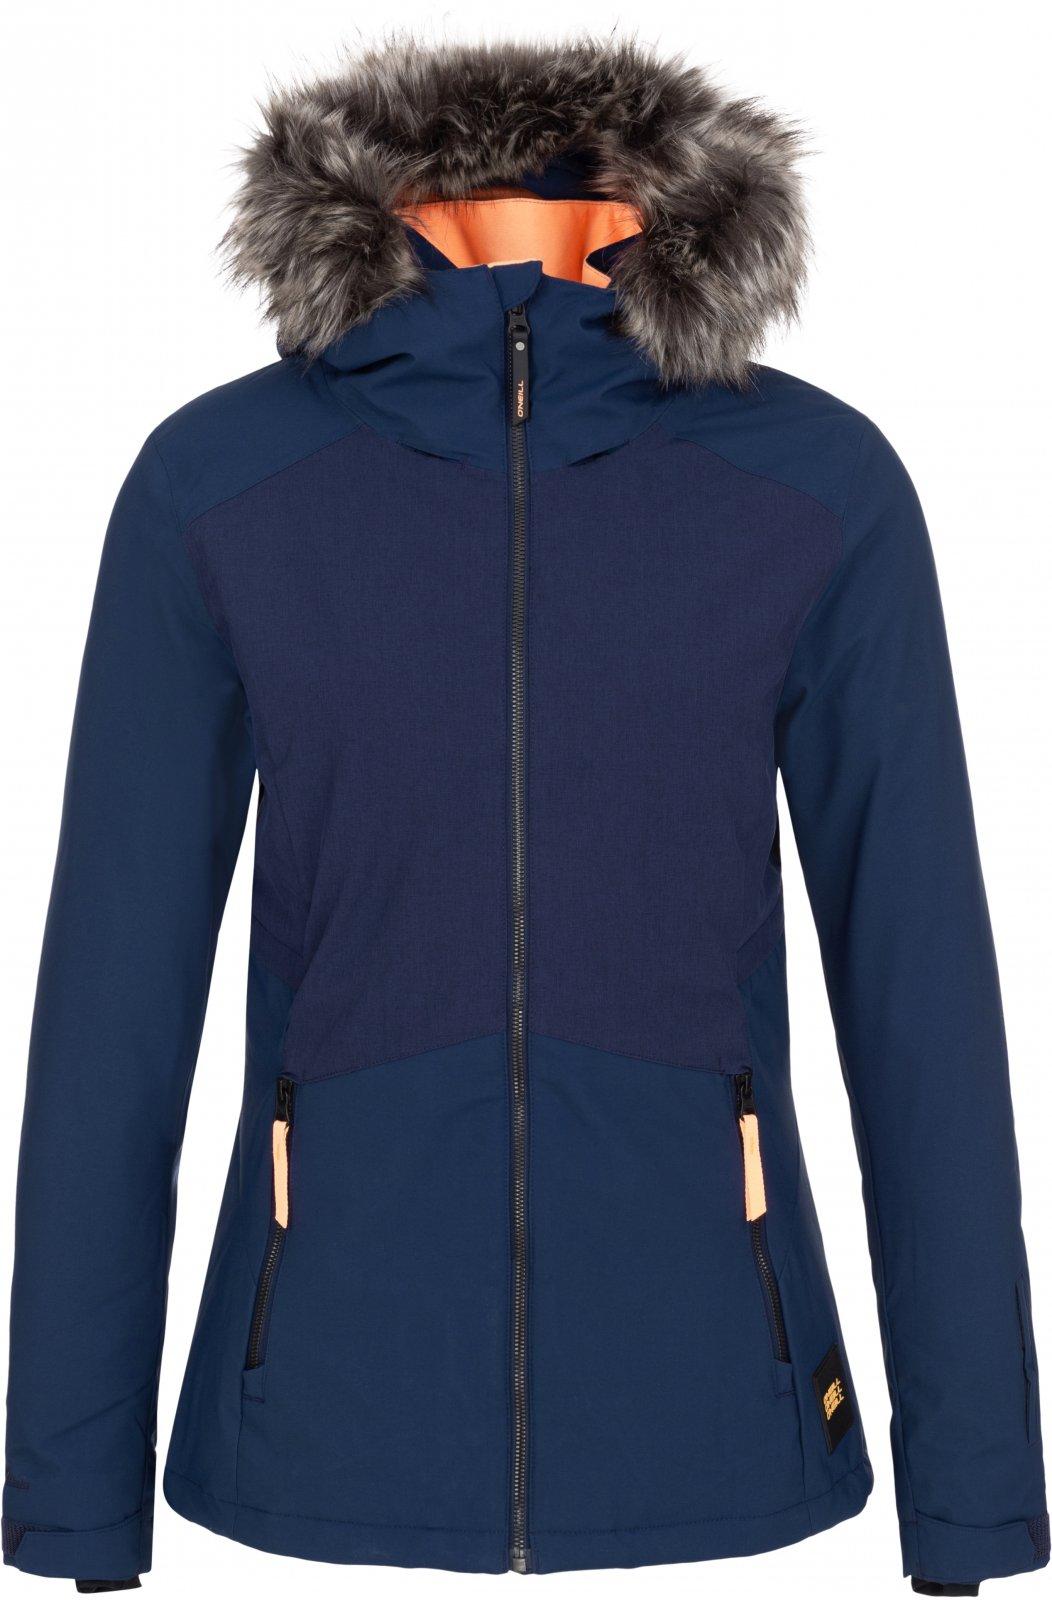 O'Neill Halite Jacket